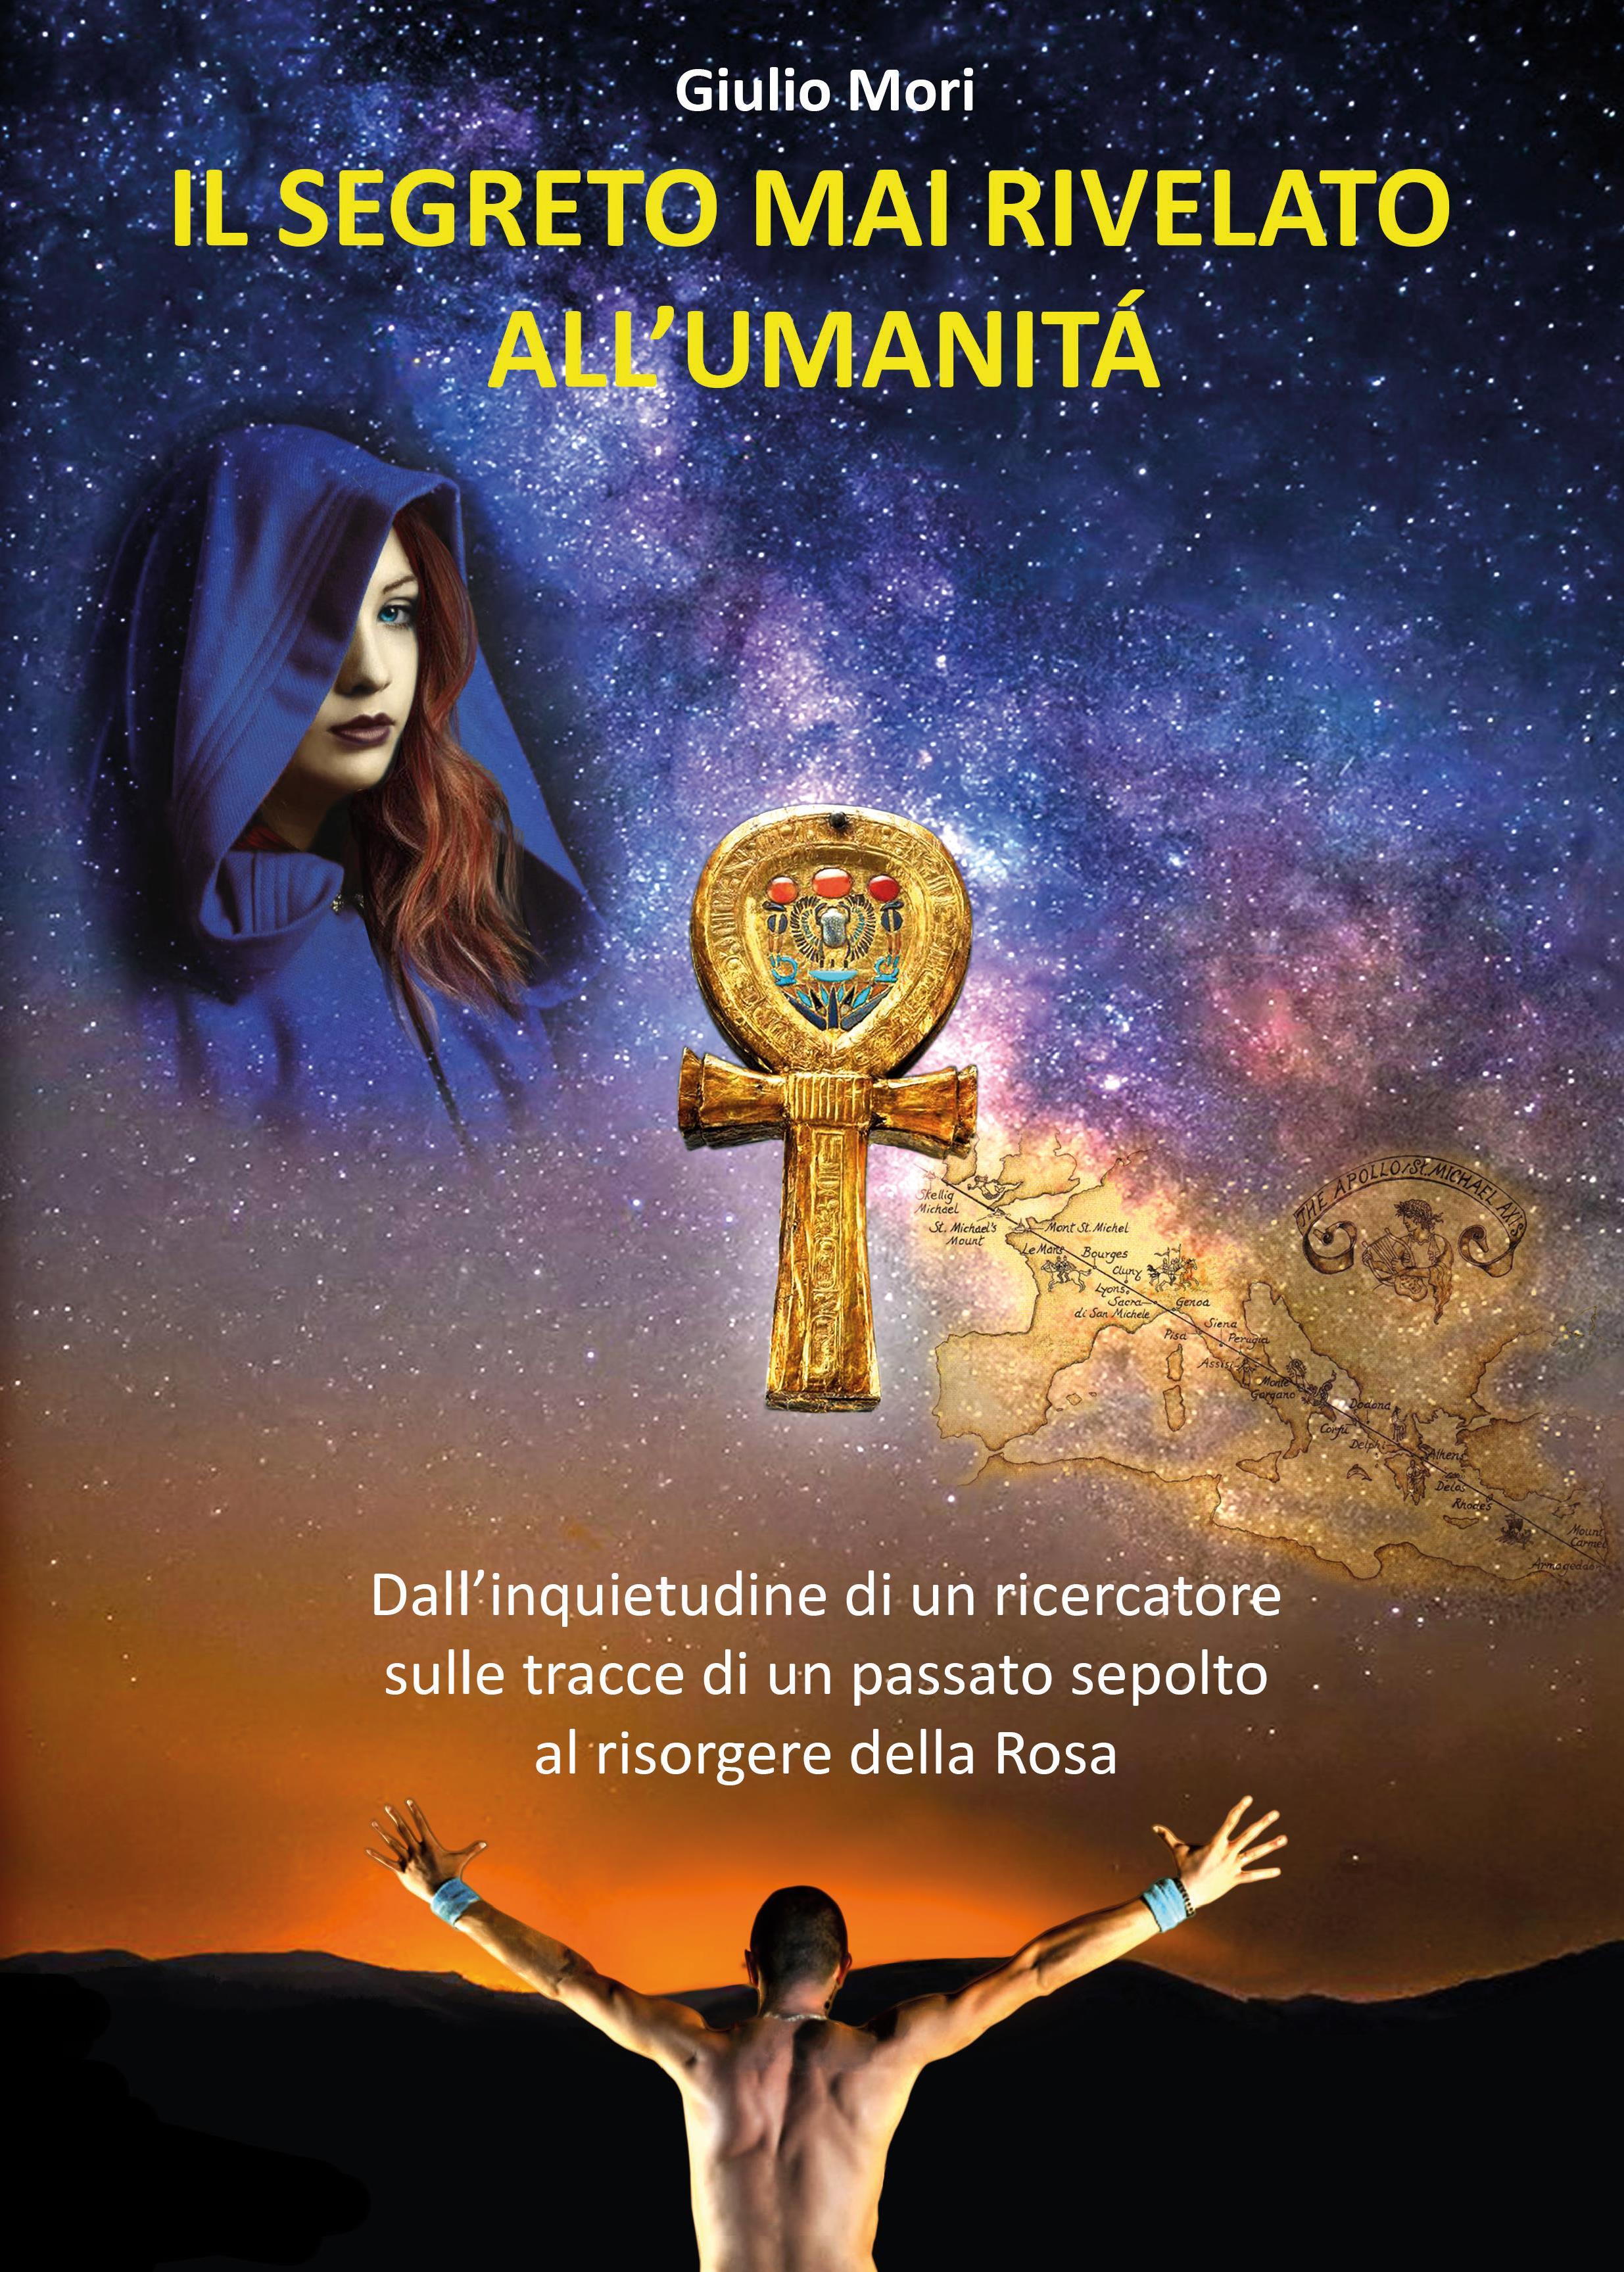 Il Segreto mai Rivelato all'Umanità - Dall'inquietudine di un ricercatore sulle tracce di un passato sepolto al risorgere della Rosa